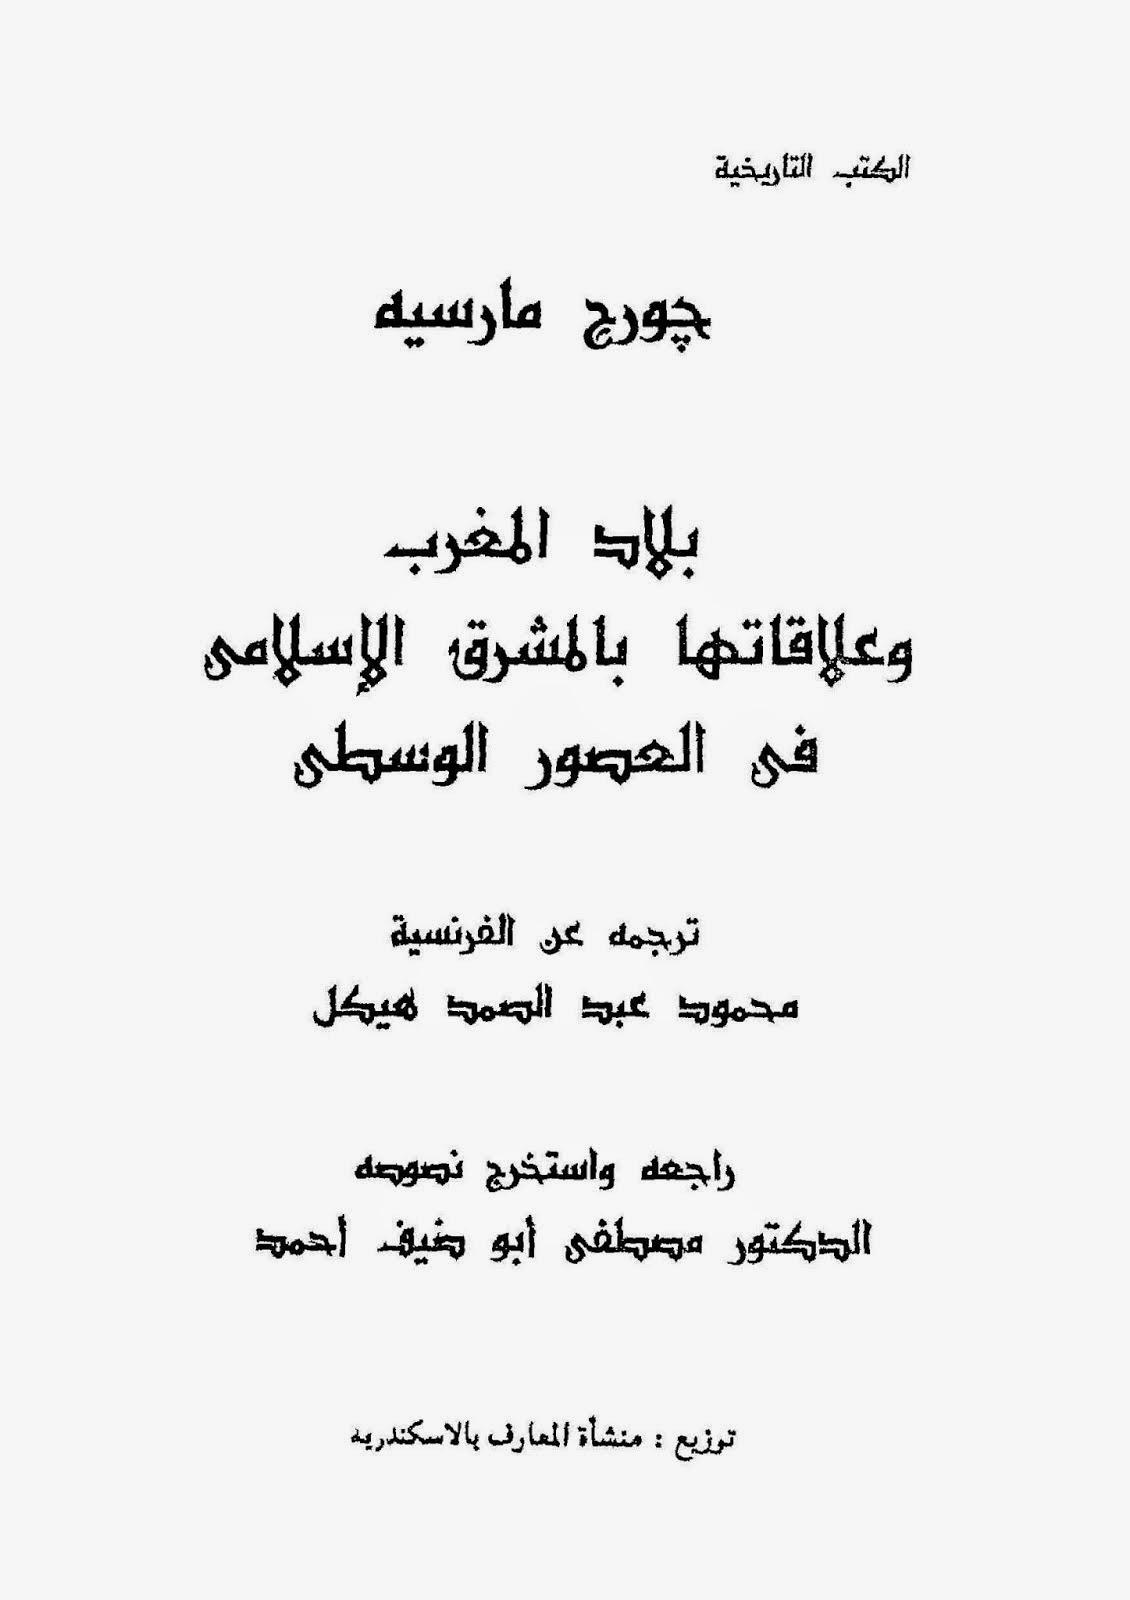 بلاد المغرب وعلاقاتها بالمشرق الإسلامي في العصور الوسطى _ جورج مارسيه